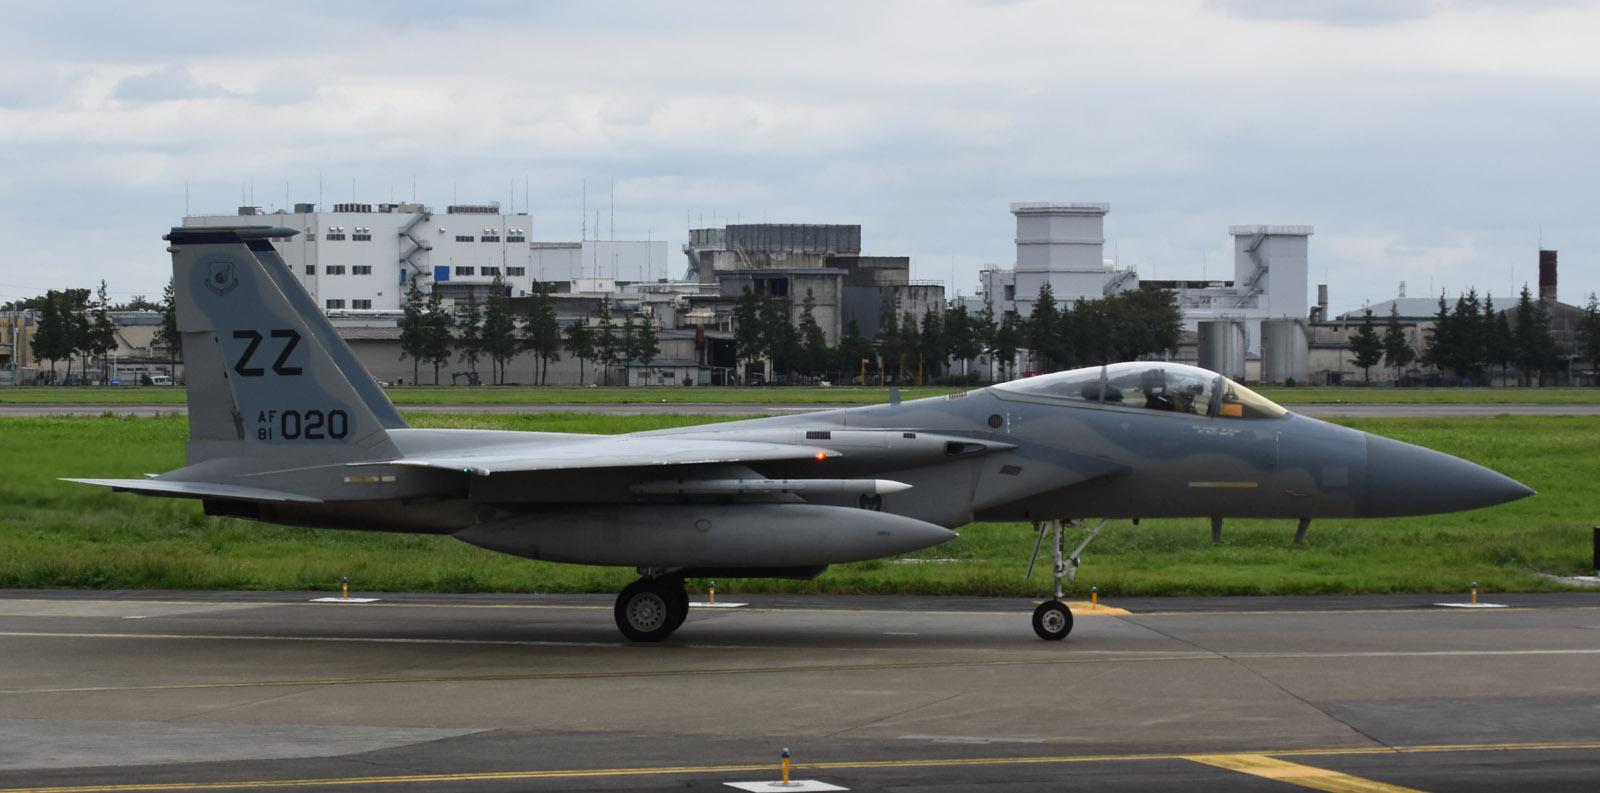 F15c180911g134